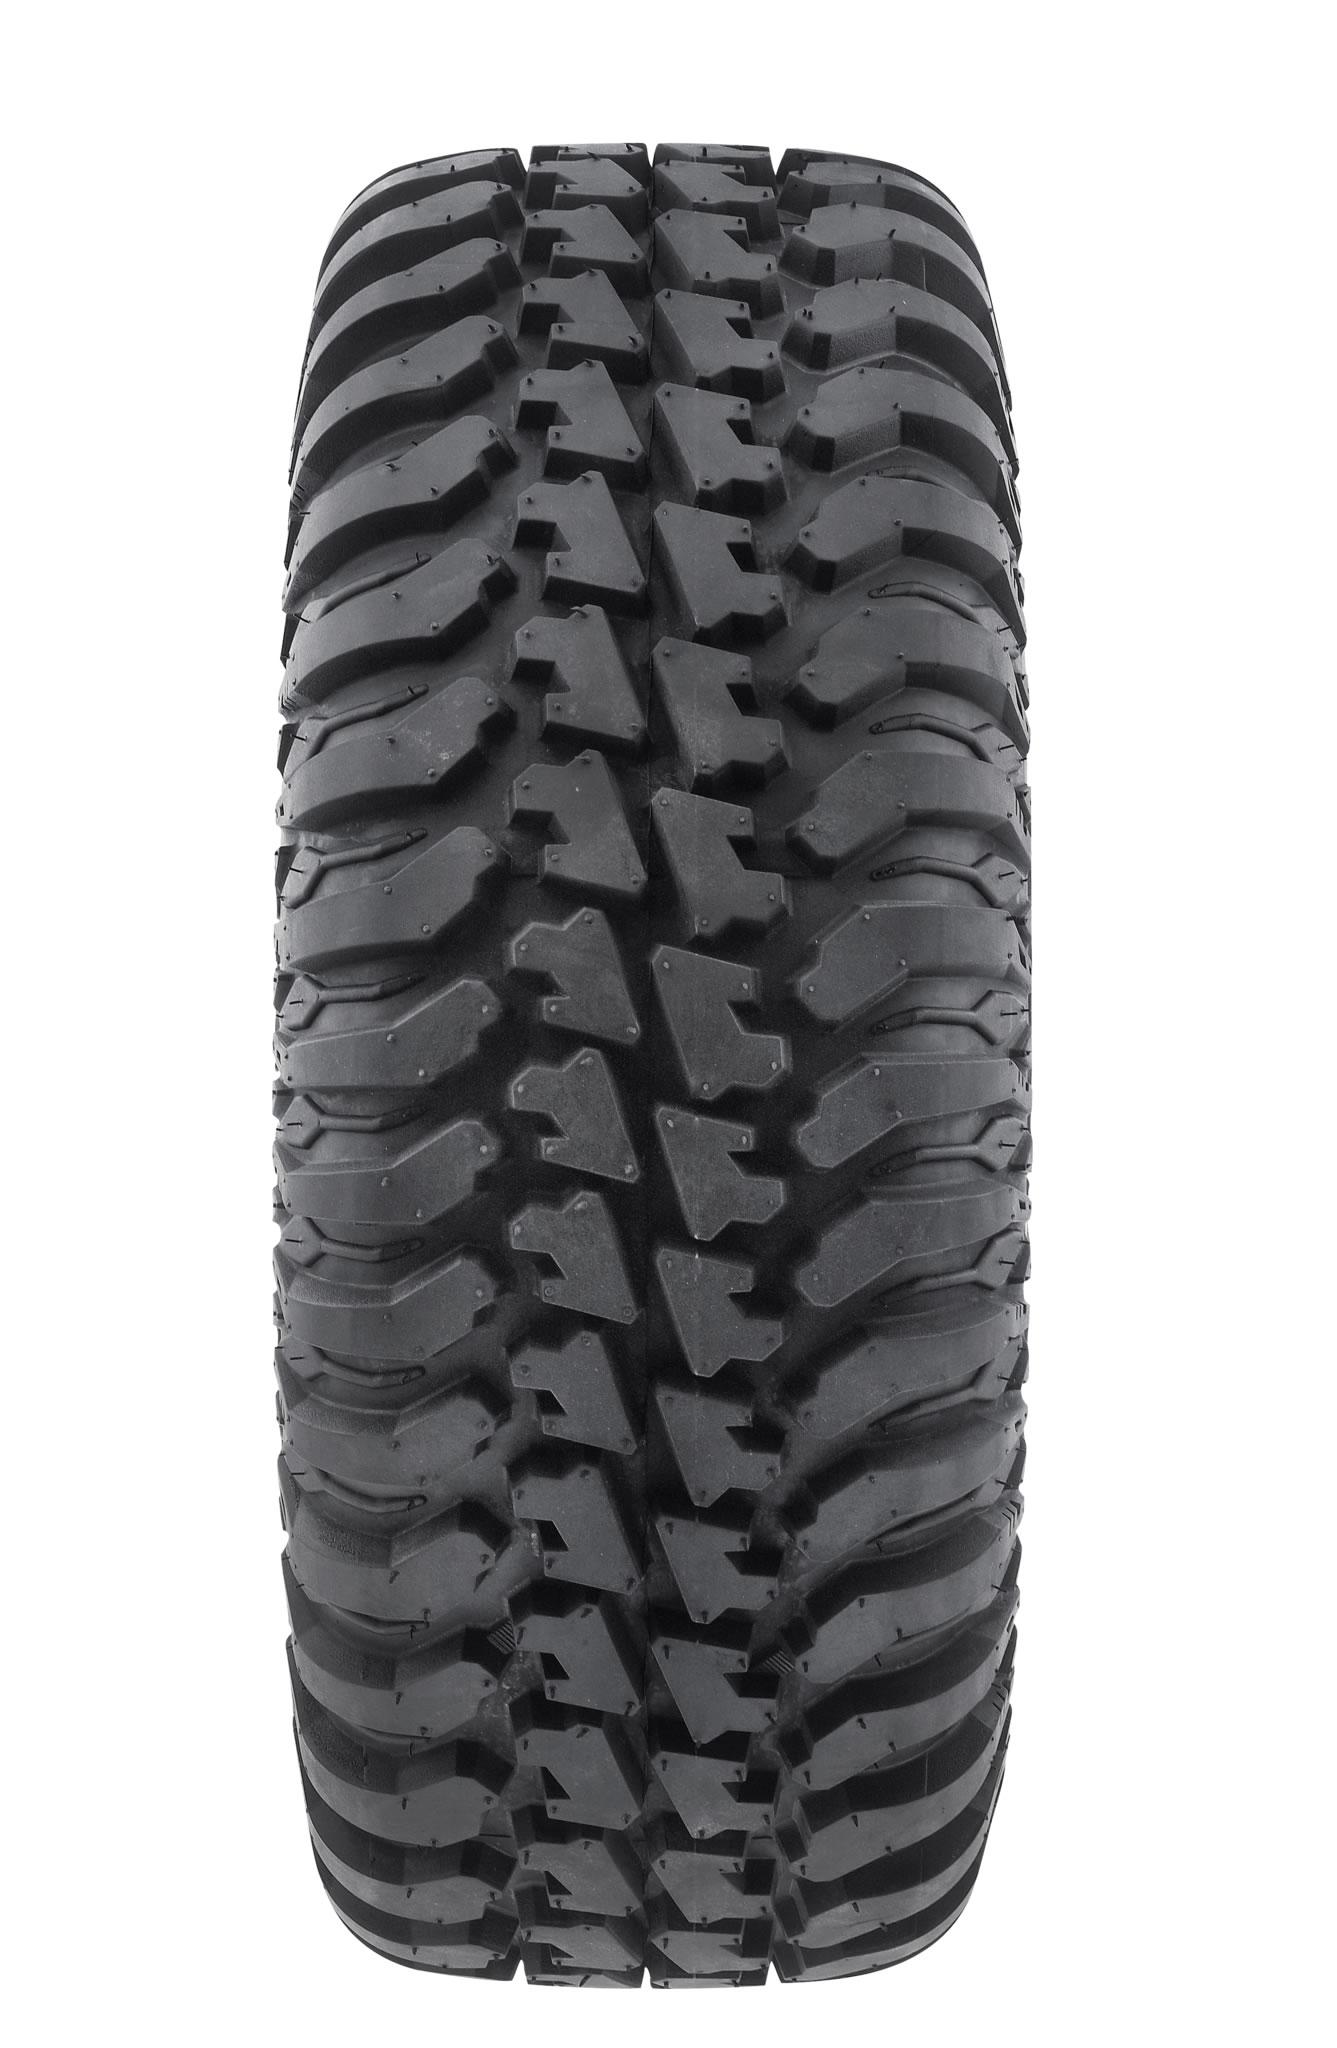 John Deere Utv >> Tensor Regulator All Terrain Radial ATV Tires - DOT Approved